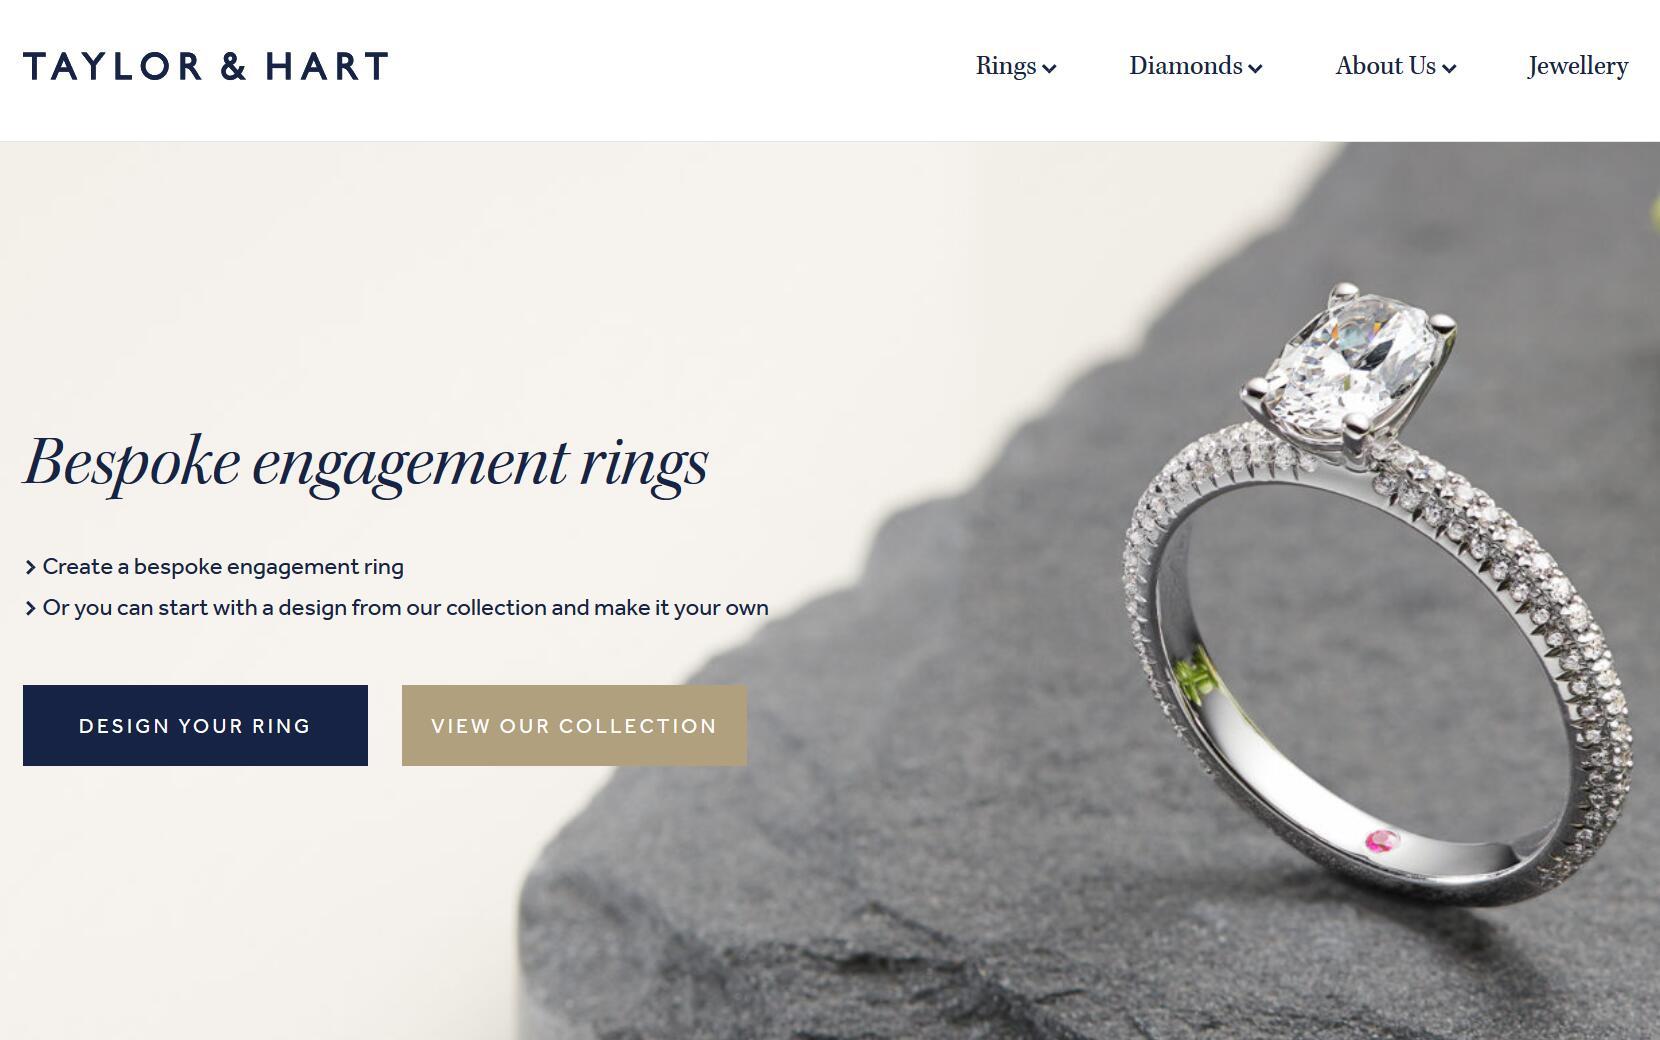 让顾客亲手设计自己的婚戒,英国高级珠宝零售商 Taylor & Hart融资360万英镑